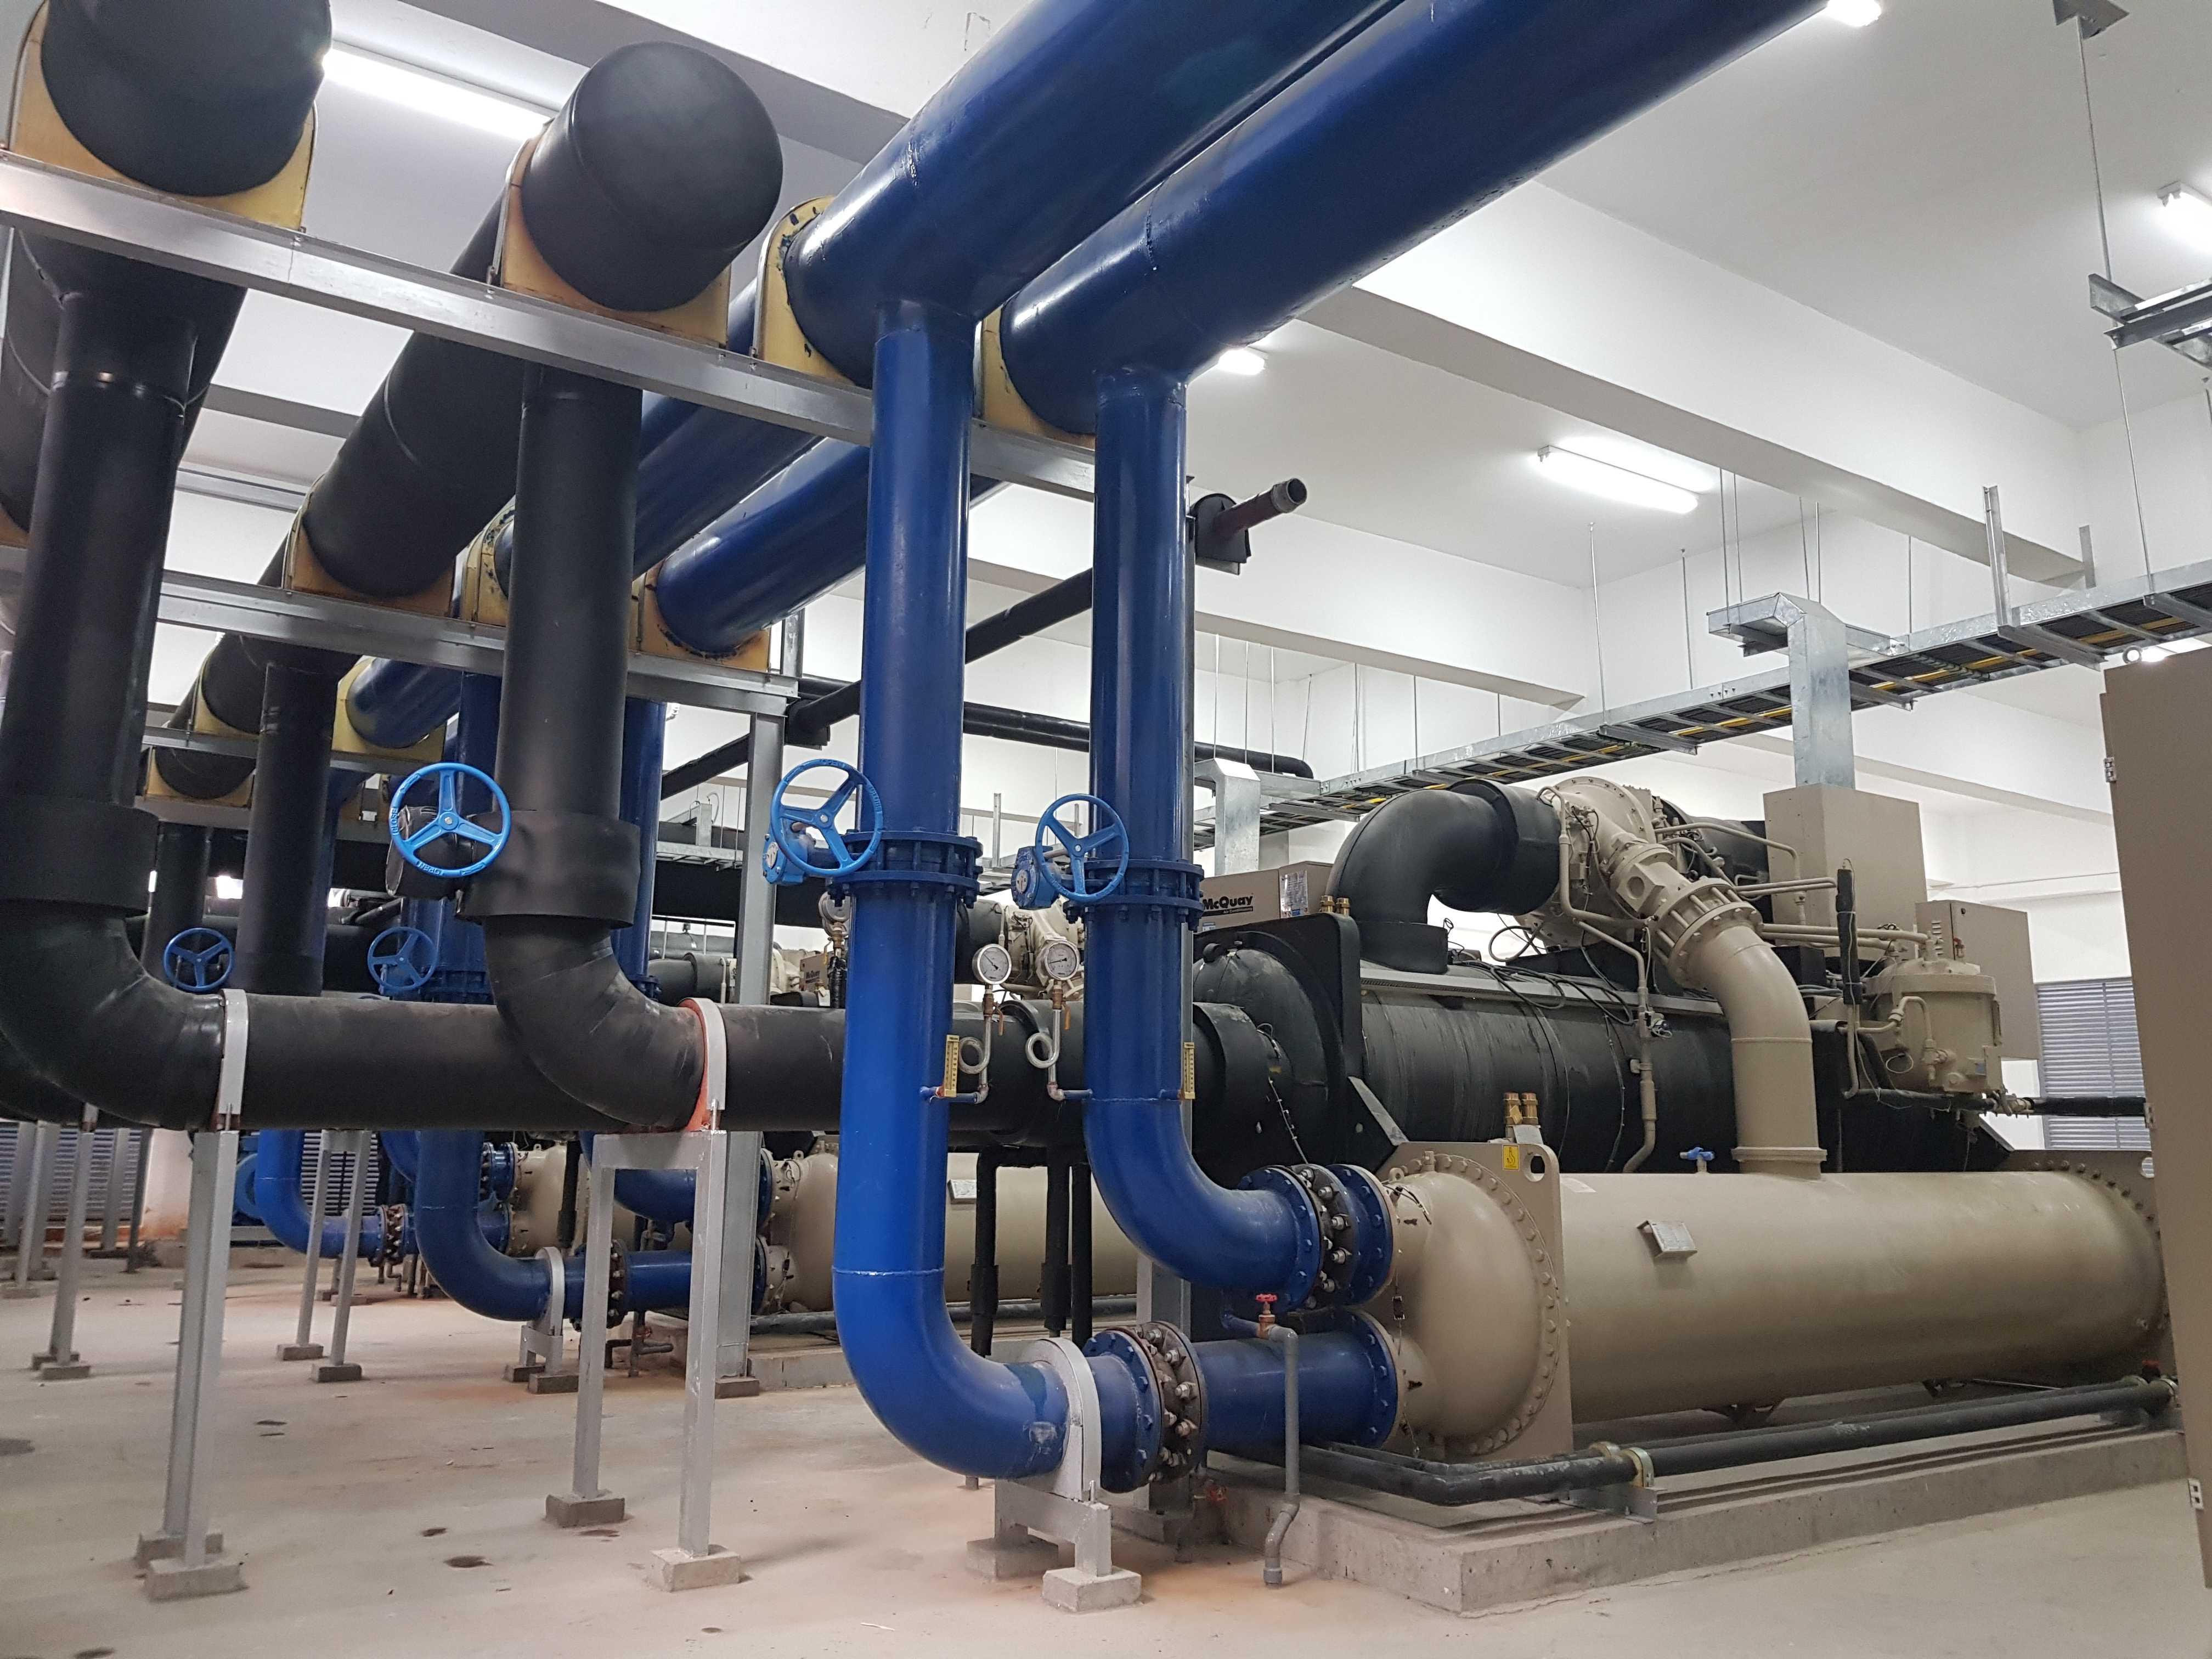 giải pháp cung cấp nước lạnh cho dây chuyền sản xuất sữa tươi